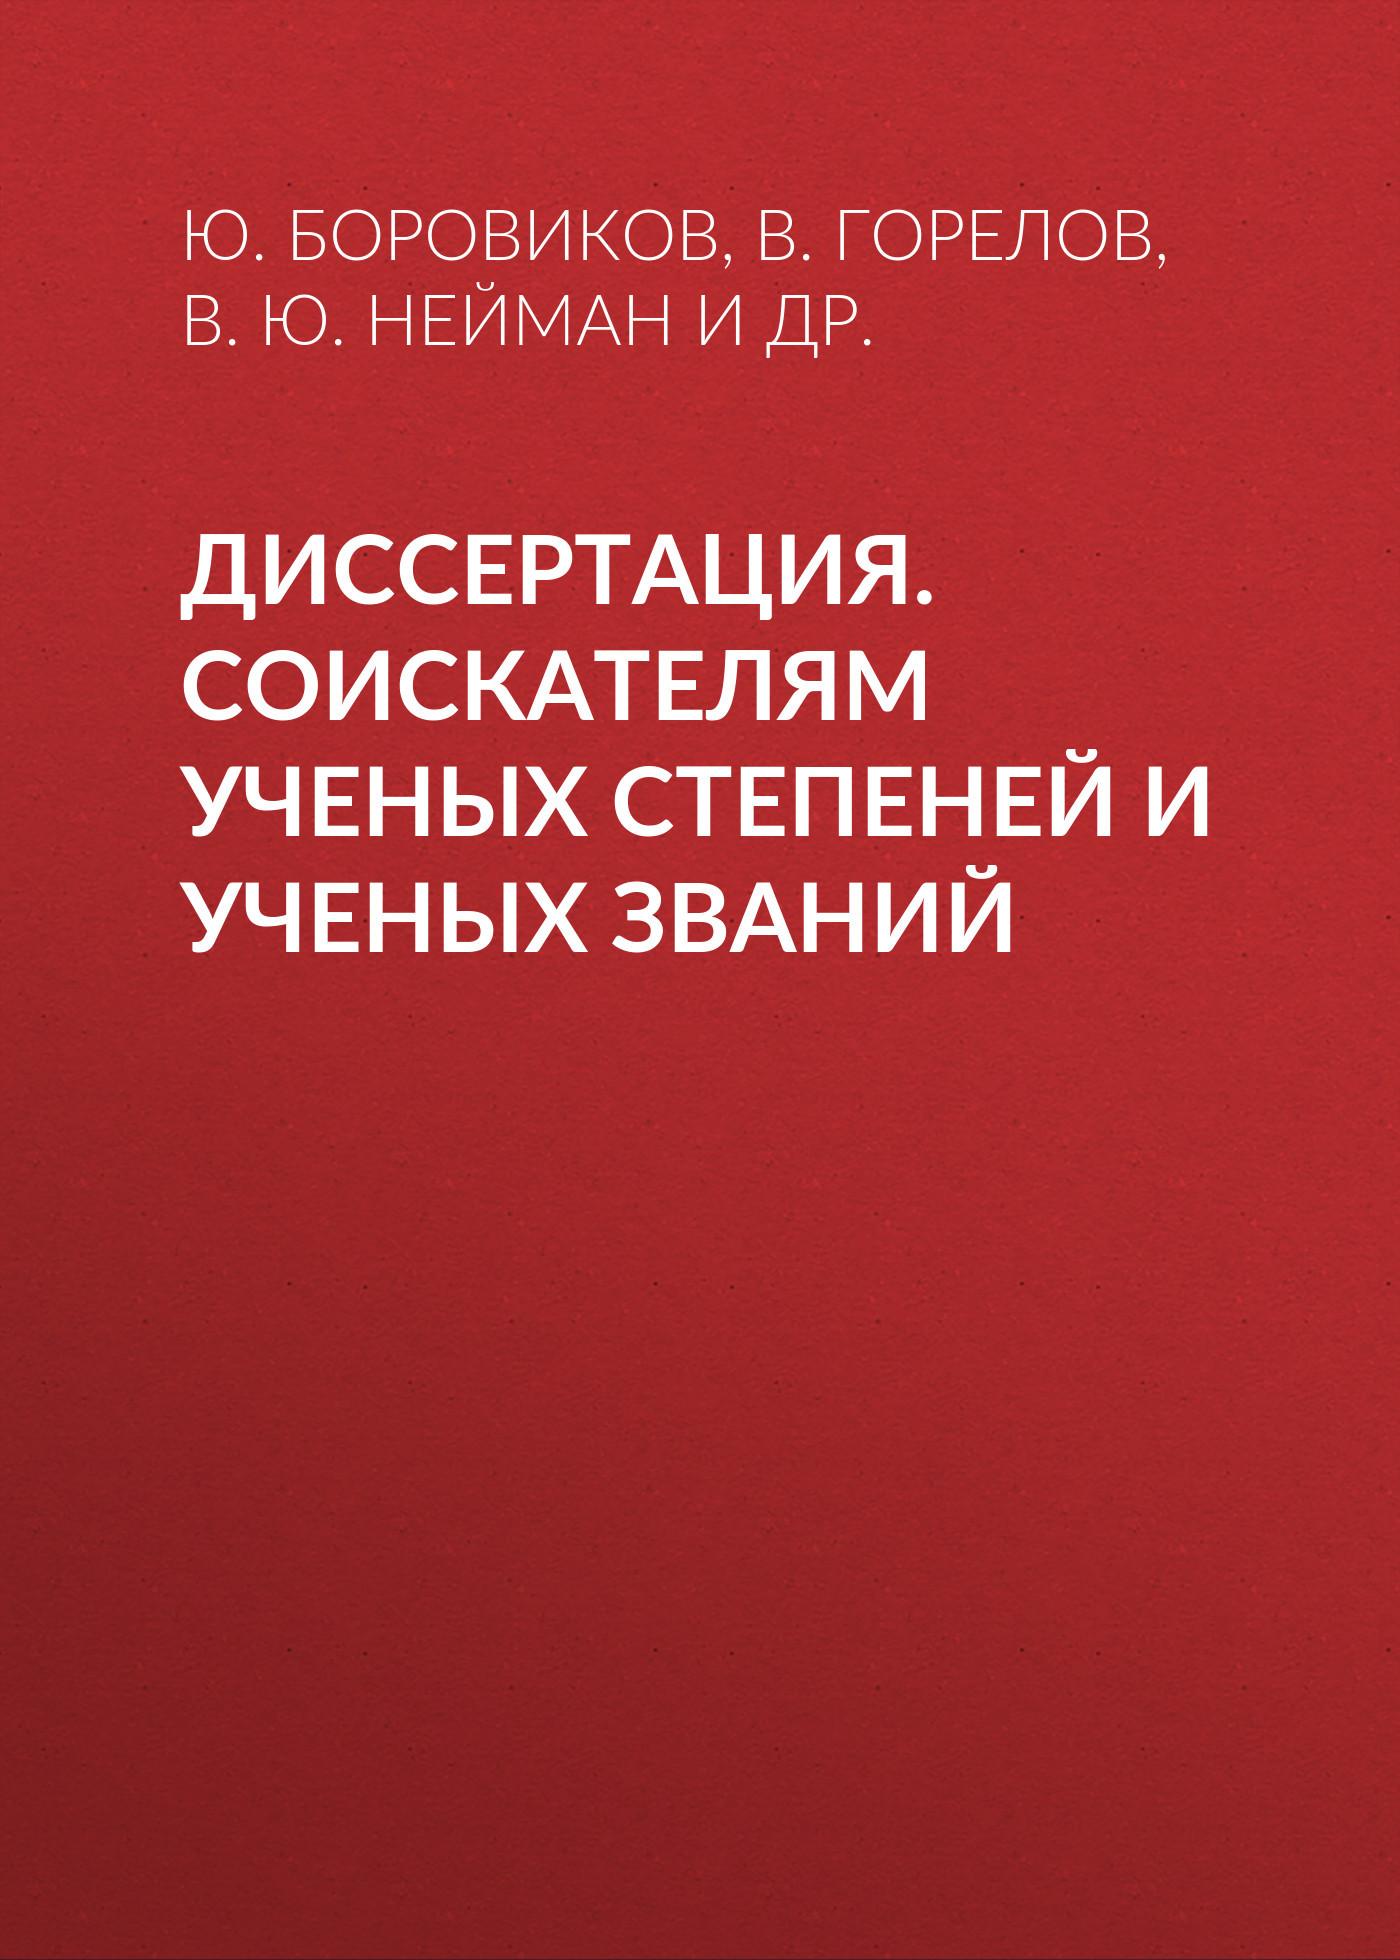 В. Ю. Нейман бесплатно